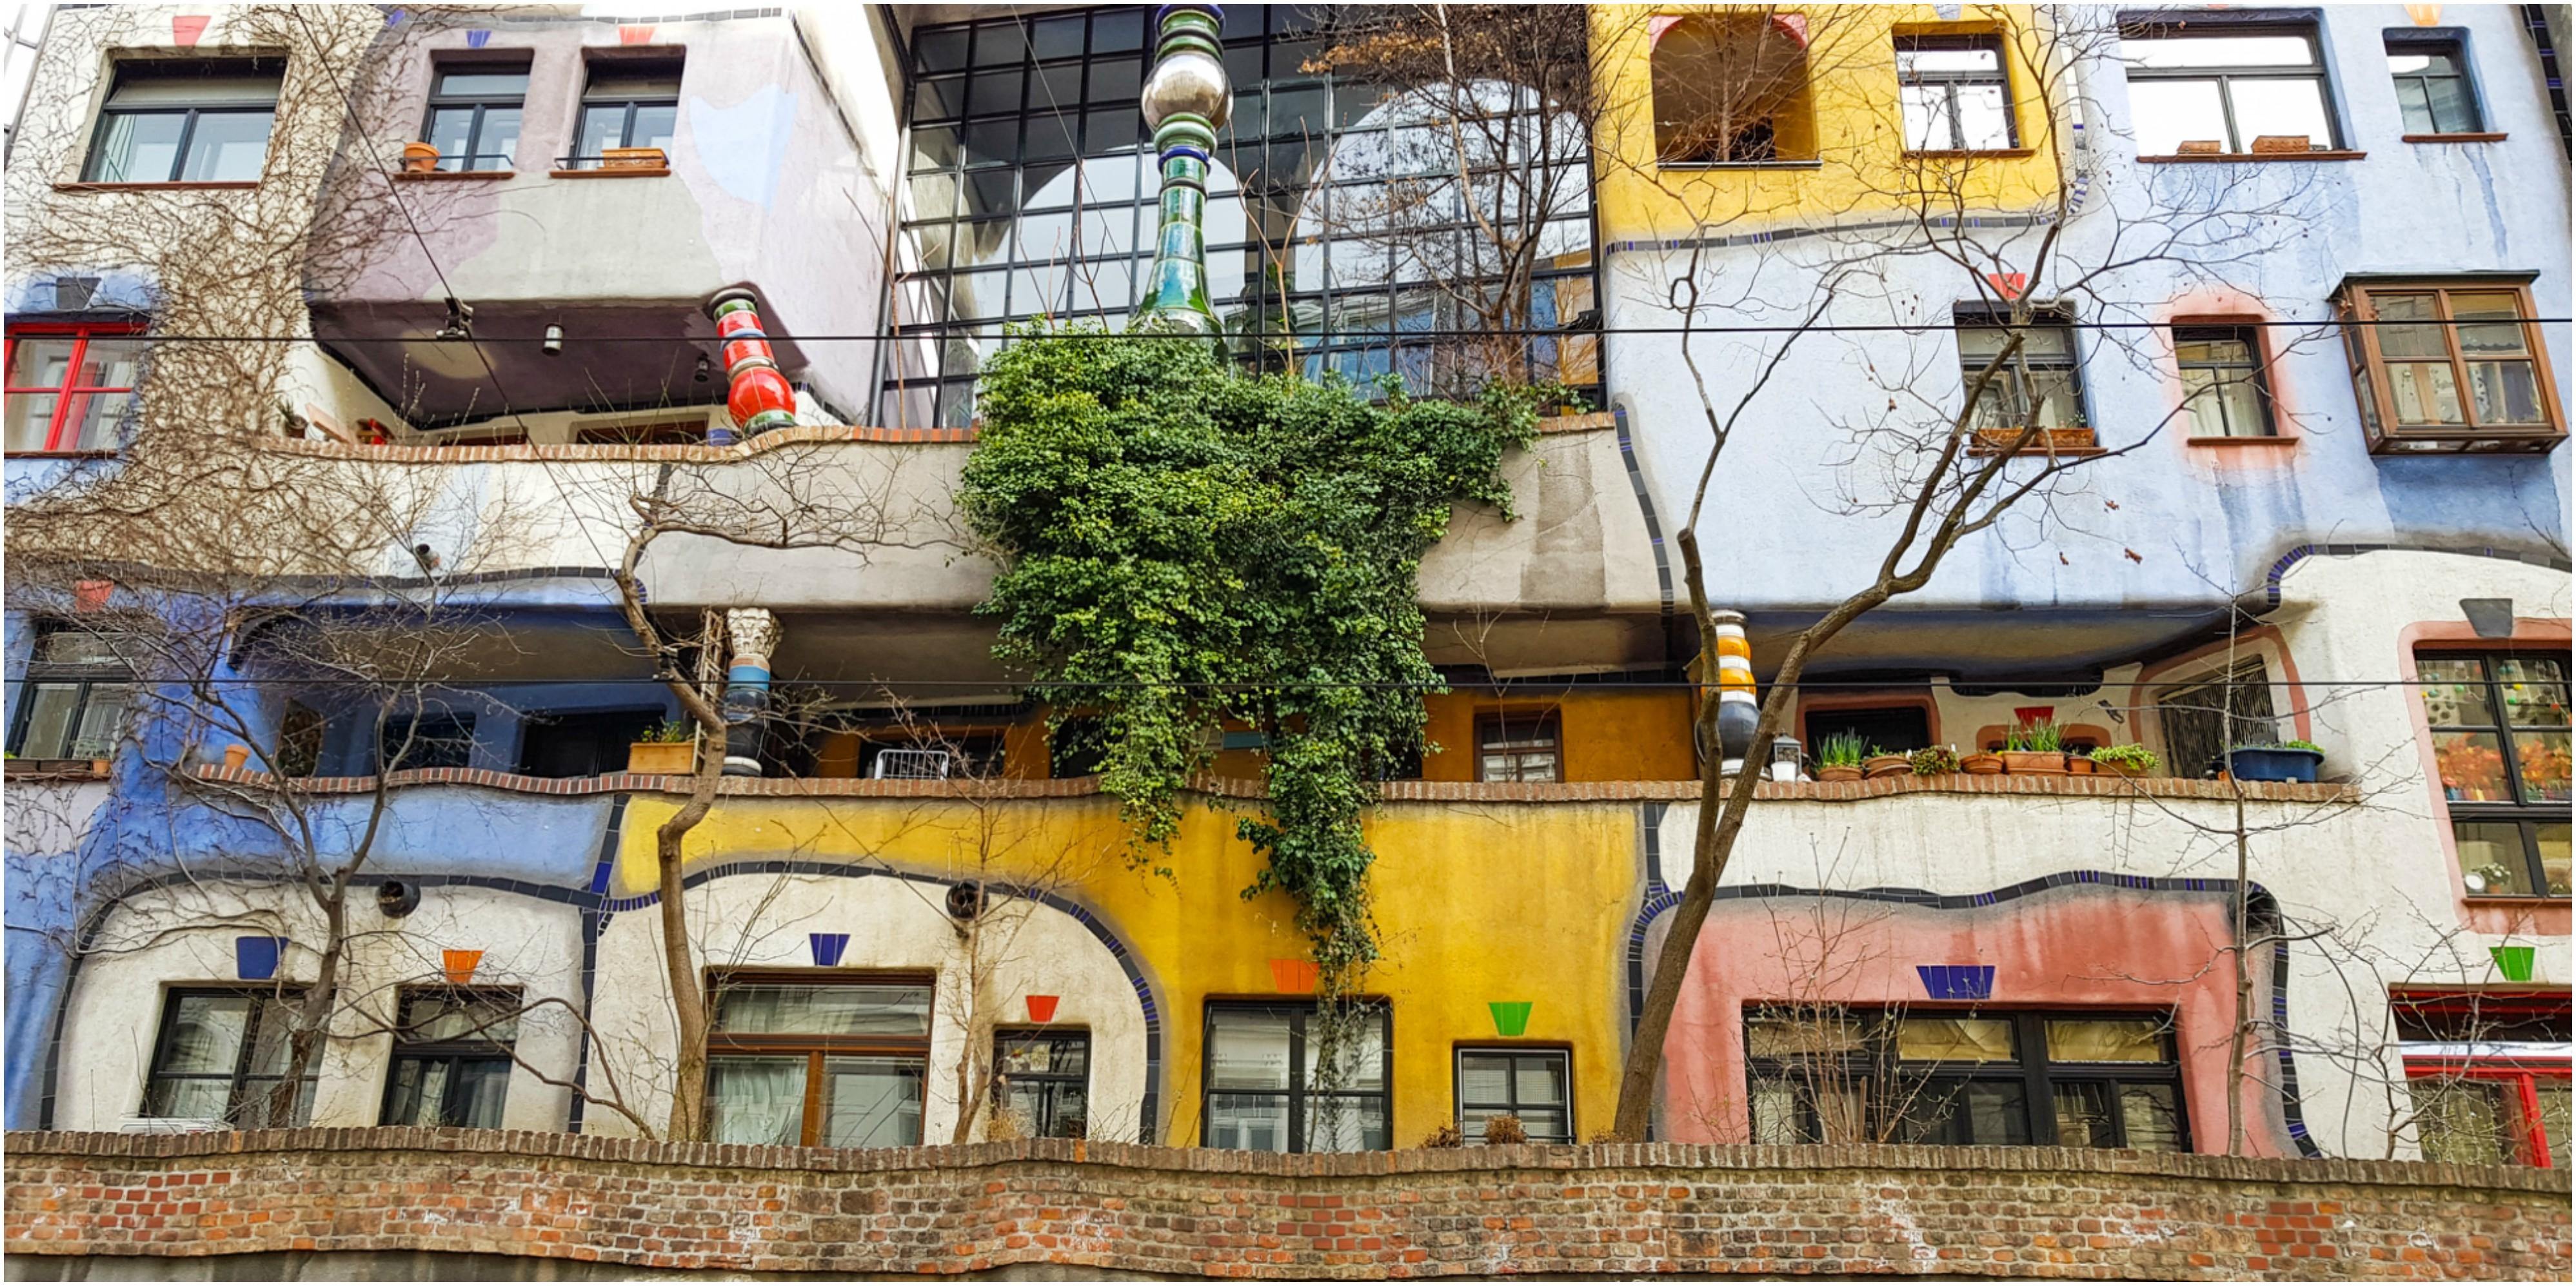 Hundertwasser-Vienne-Découvrir-Visiter-3-jours